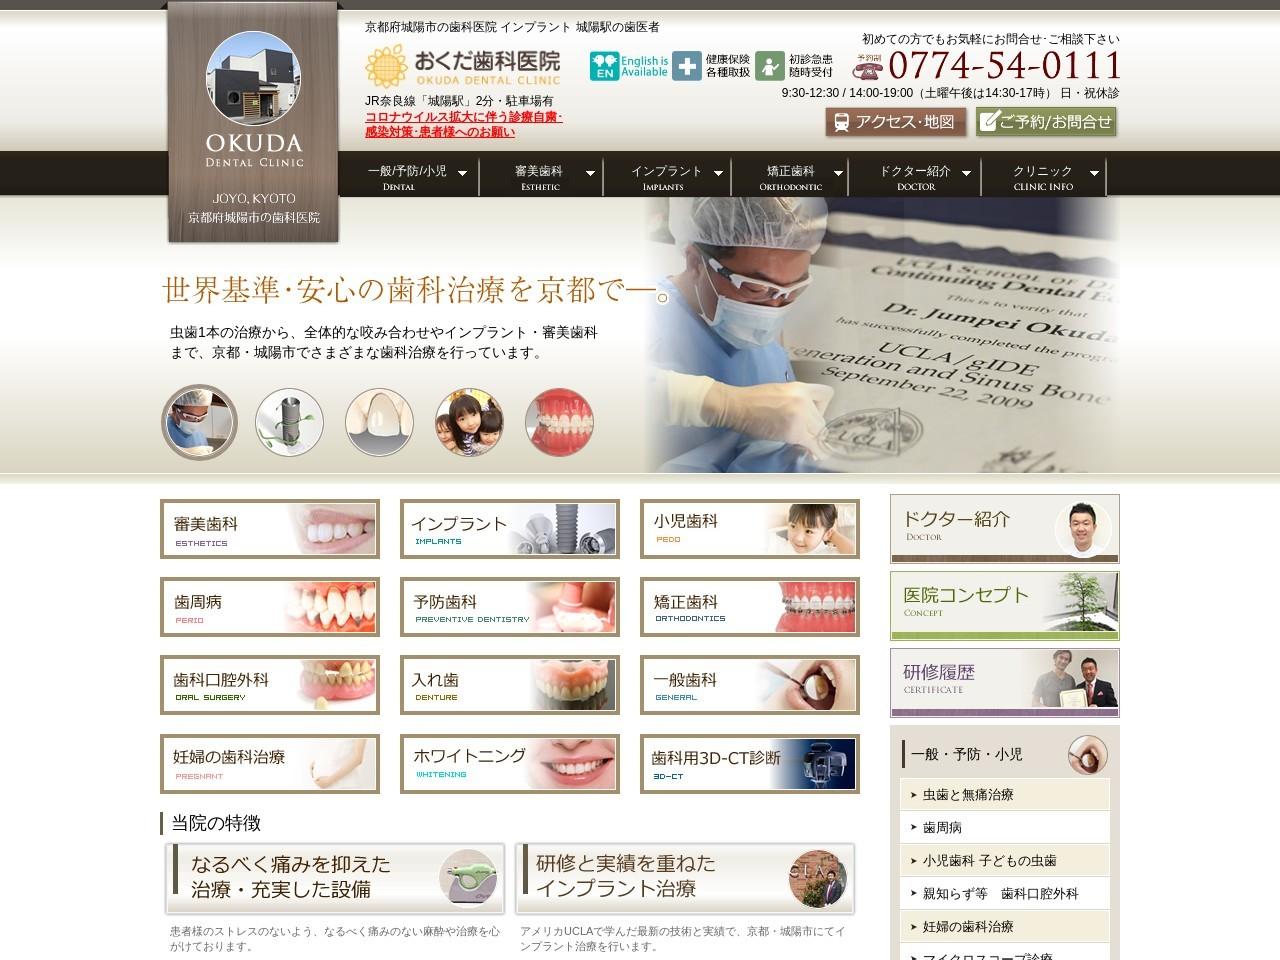 おくだ歯科医院 (京都府城陽市)